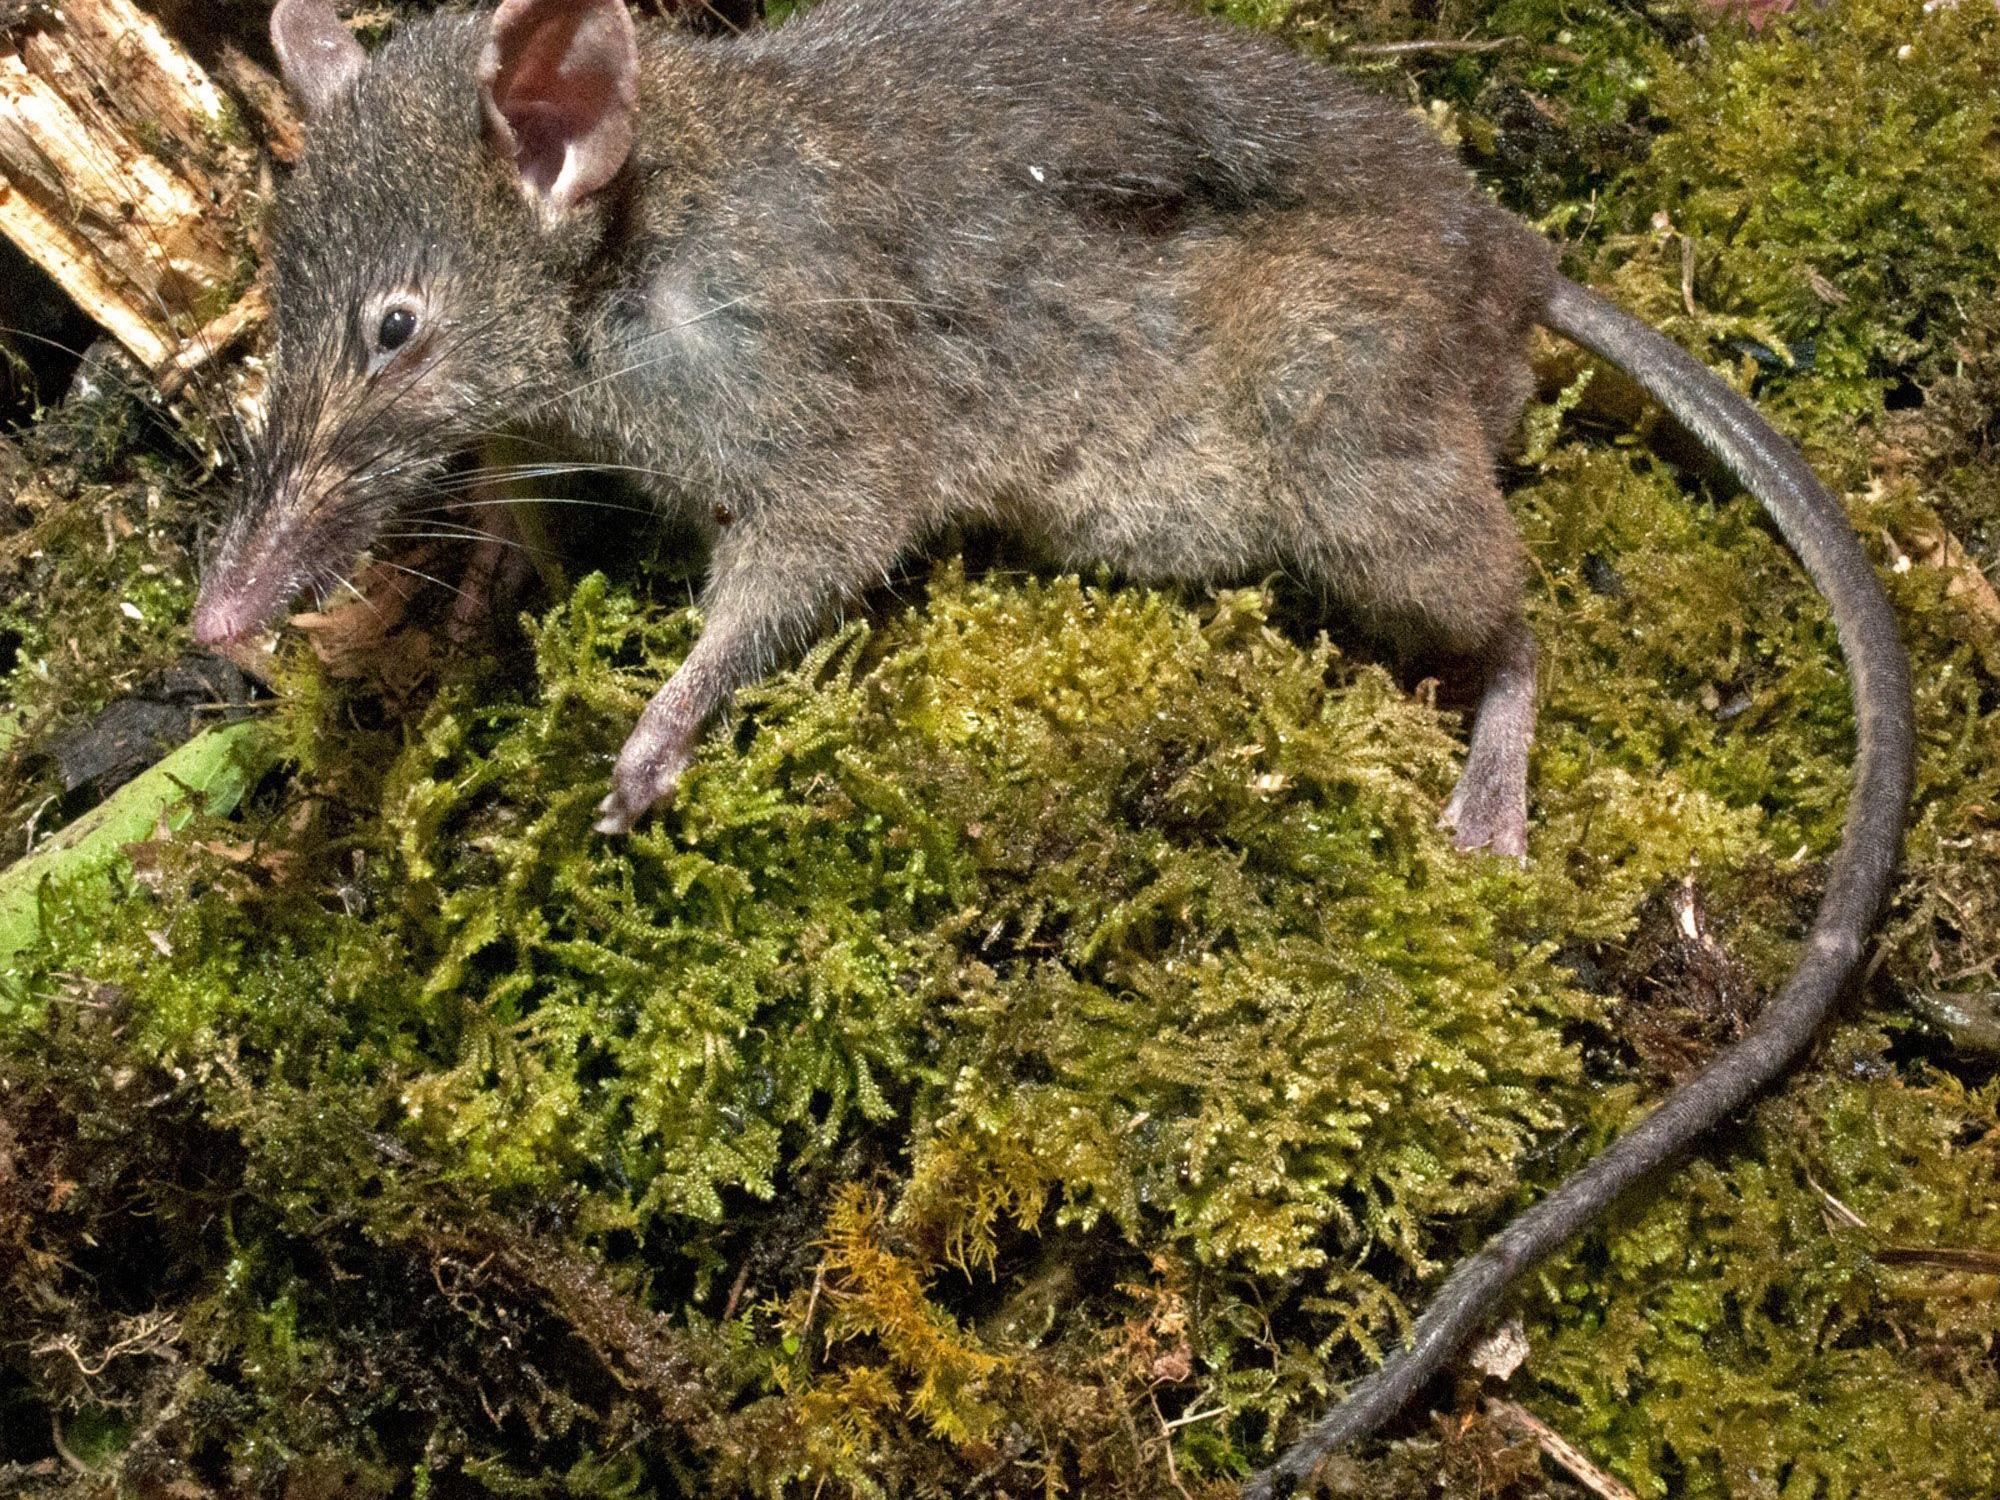 Erste und einzige Ratte von mehr als 2.200 Nagetierarten, die keine Backenzähne hat.